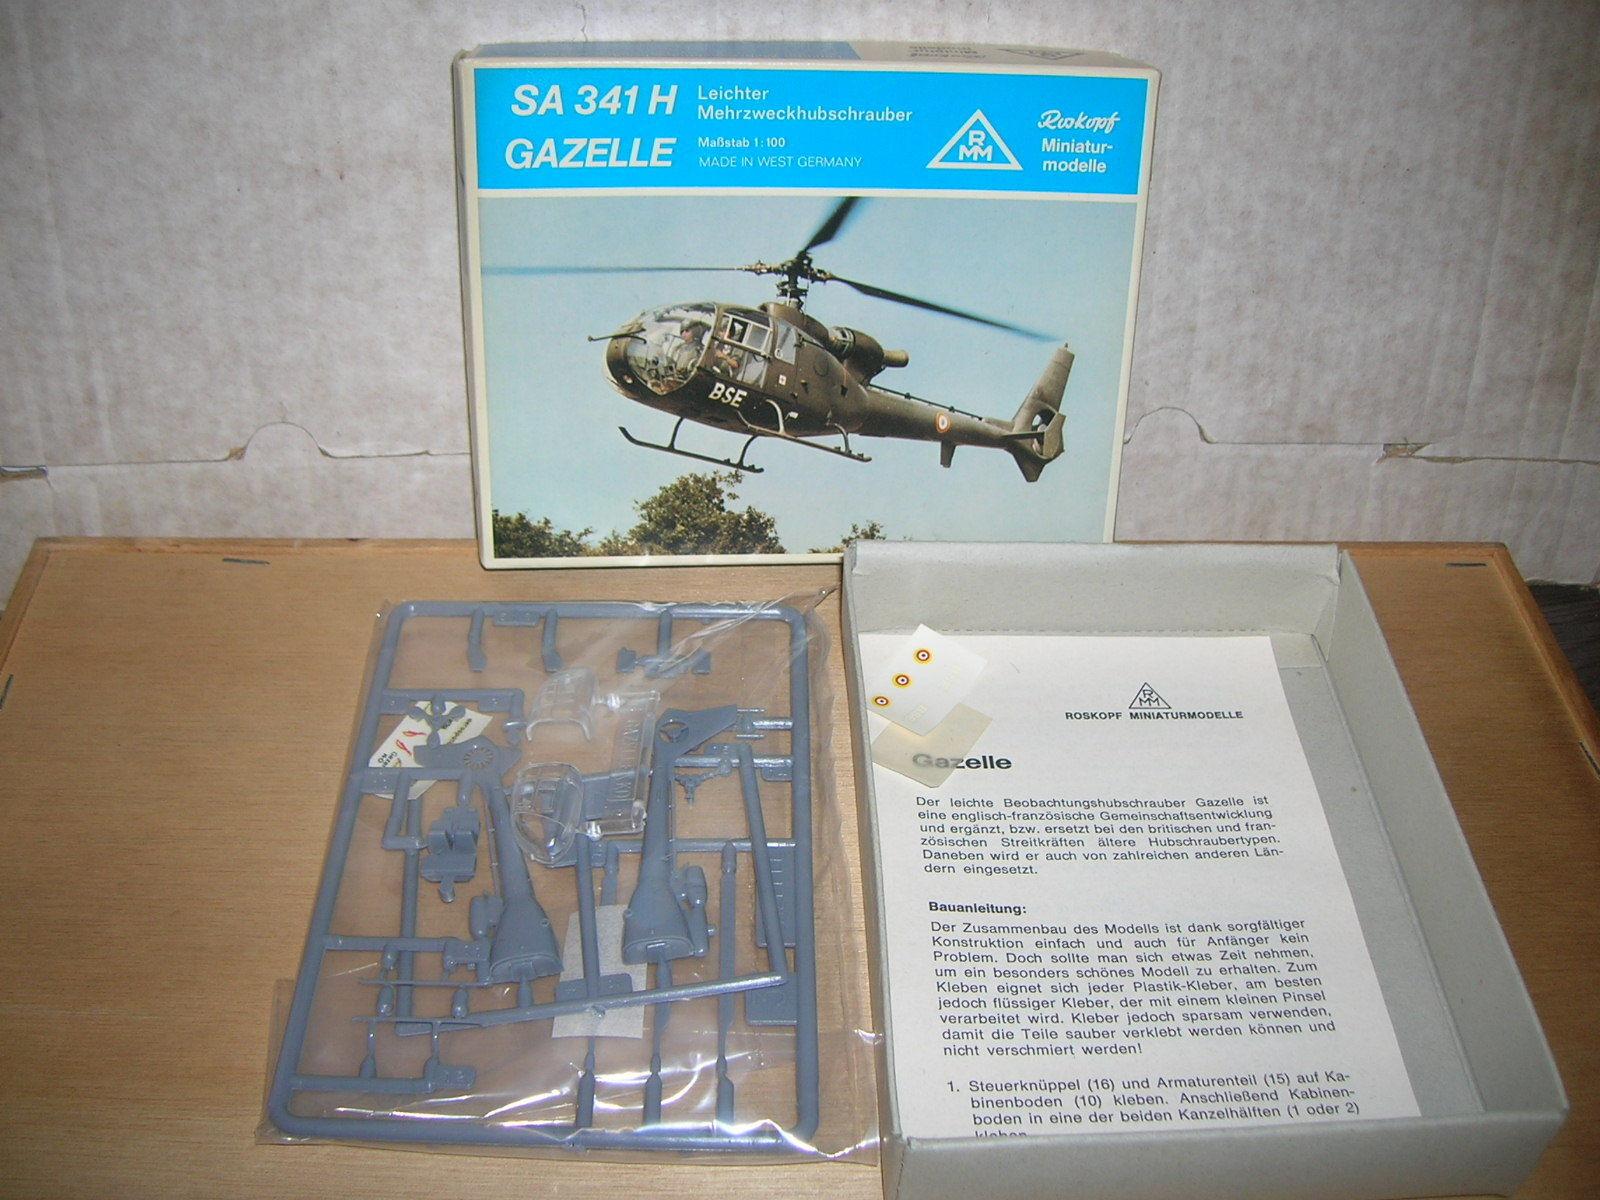 ROSKOPF RMM Modèle Kit 57-hélicoptère SA 341 H Gazelle militaire 1 100